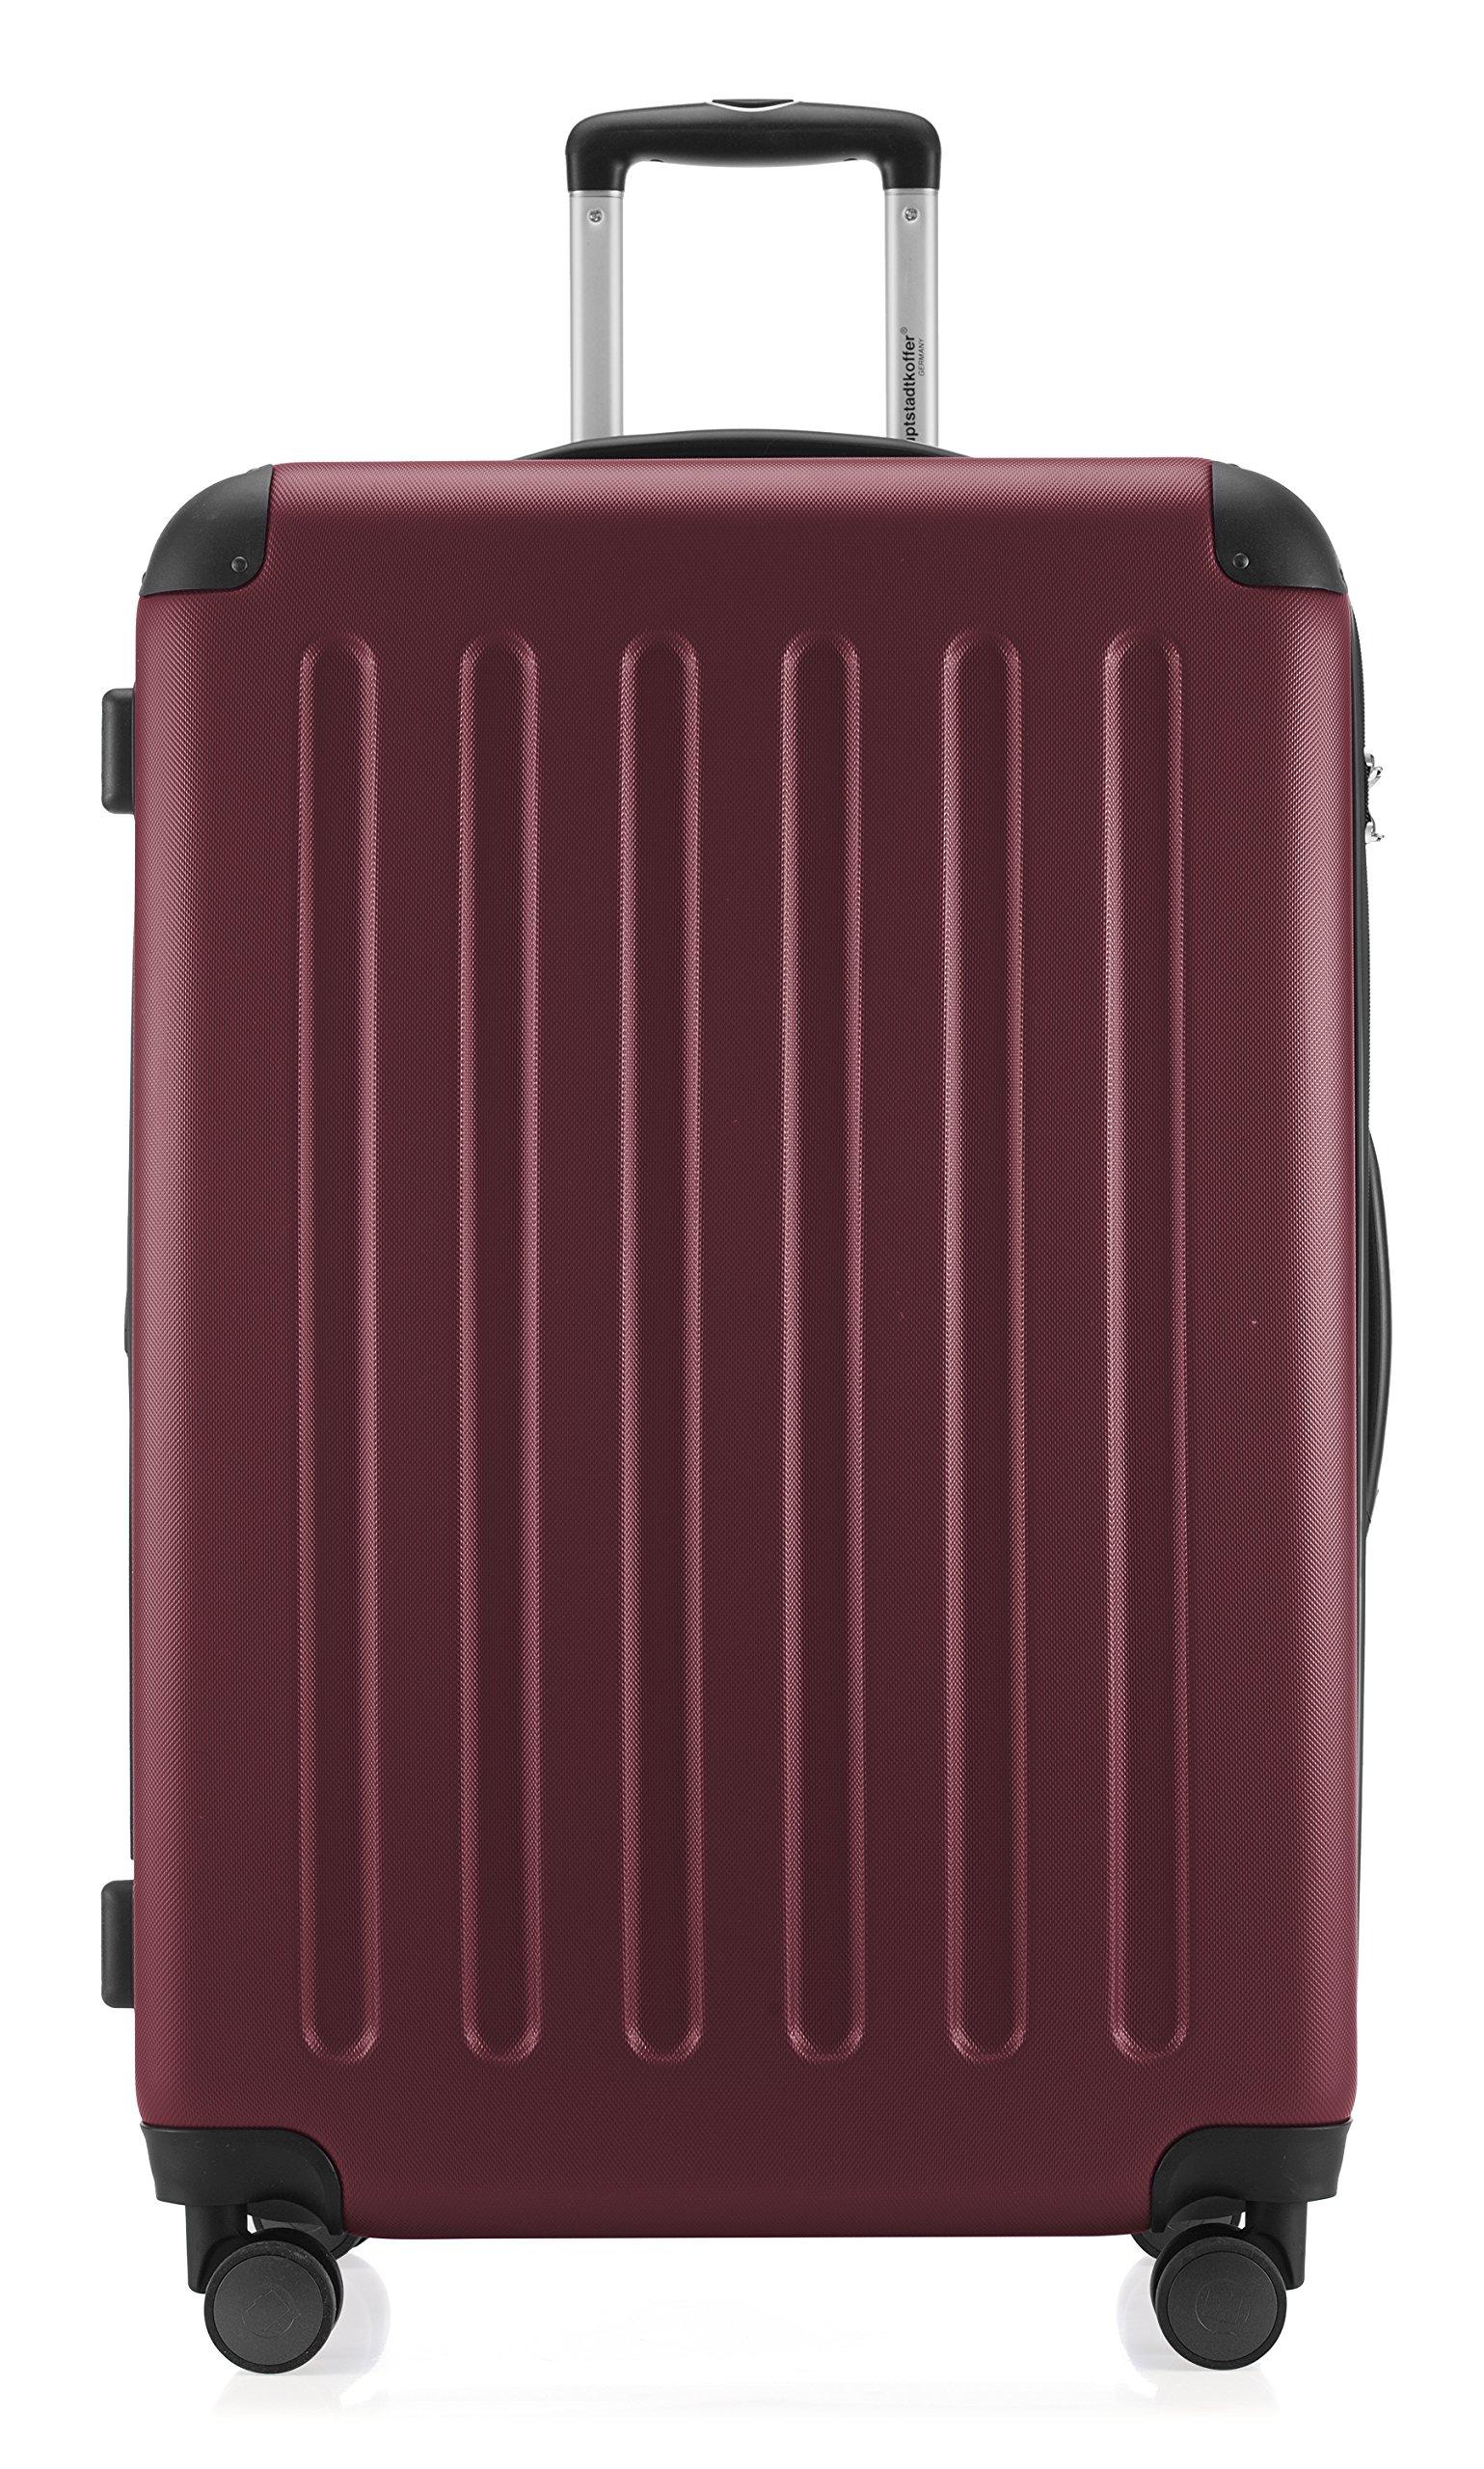 HAUPTSTADTKOFFER-Spree-Hartschalen-Koffer-Koffer-Trolley-Rollkoffer-Reisekoffer-Erweiterbar-4-Rollen-TSA-75-cm-119-Liter-Burgund